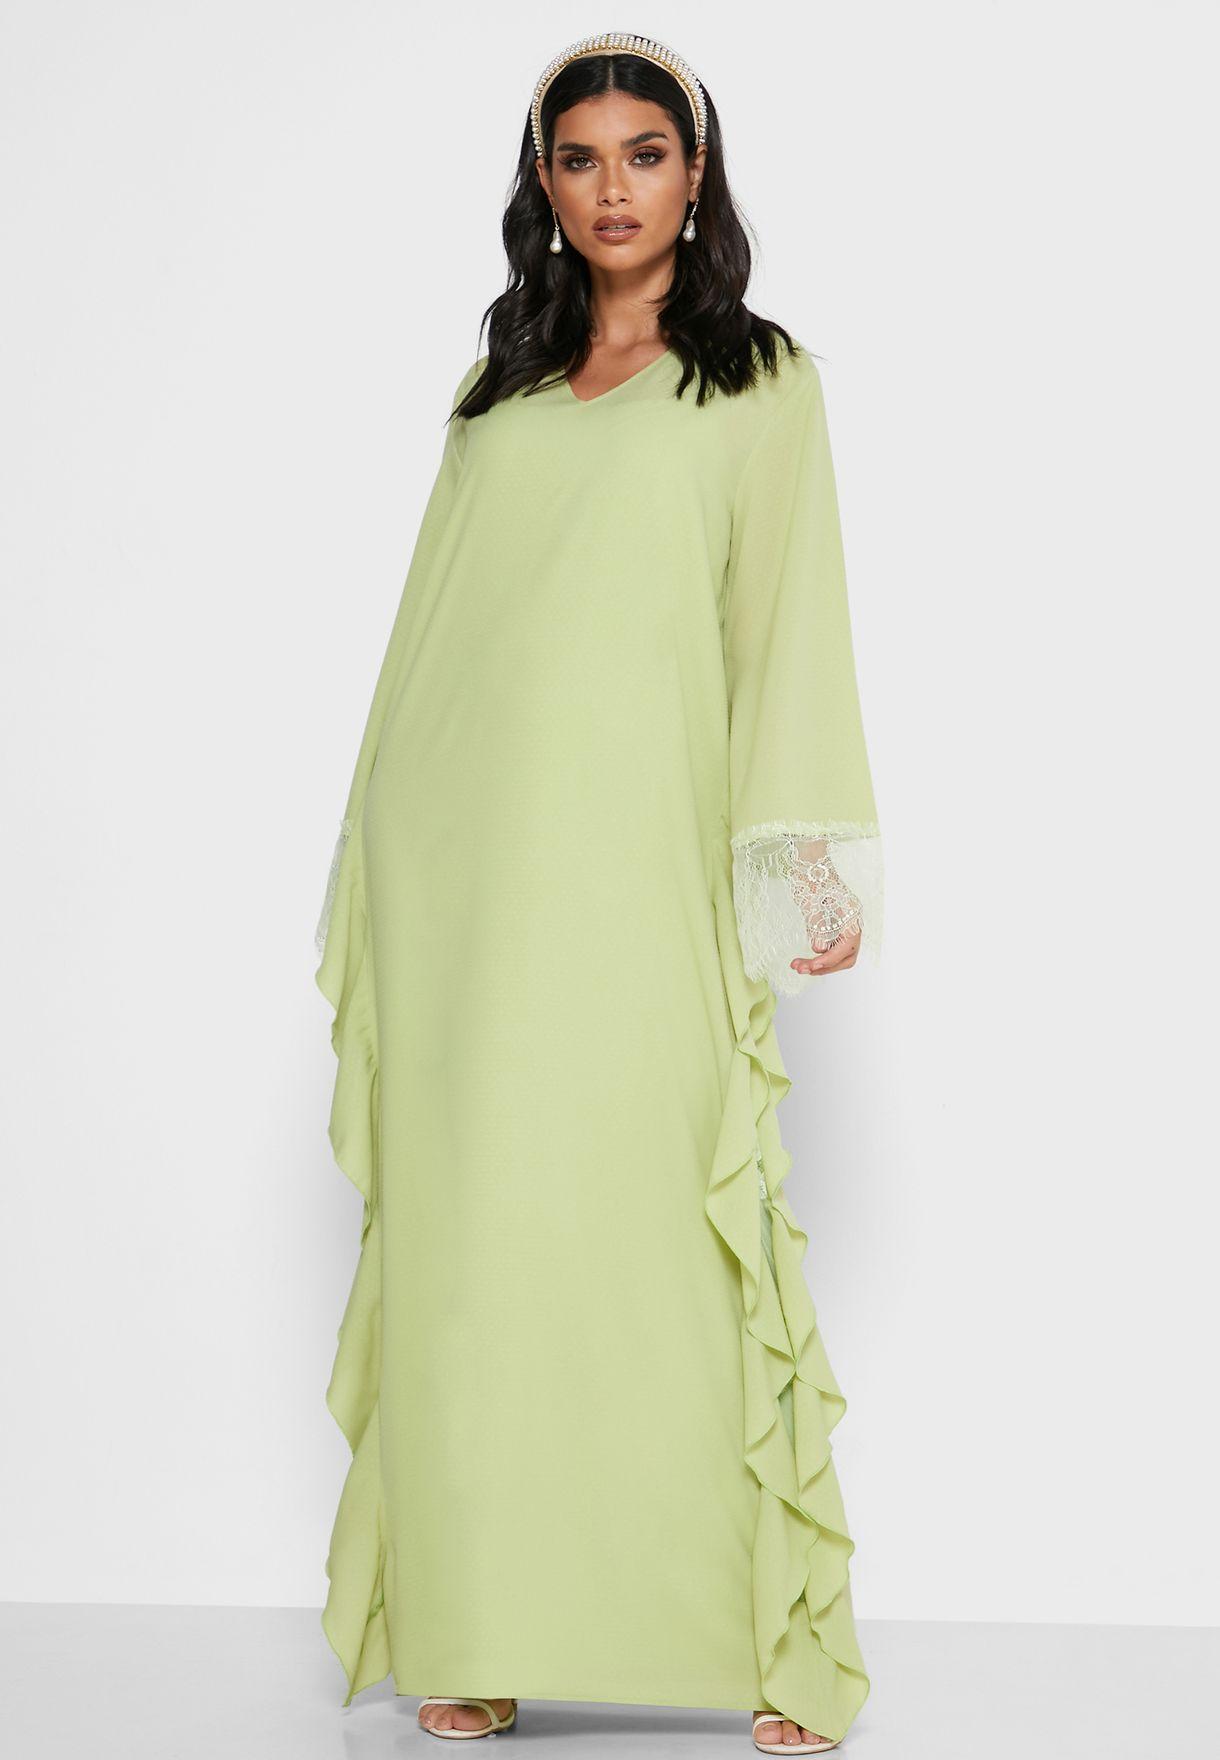 Lace Illusion Waterfall Side Dress